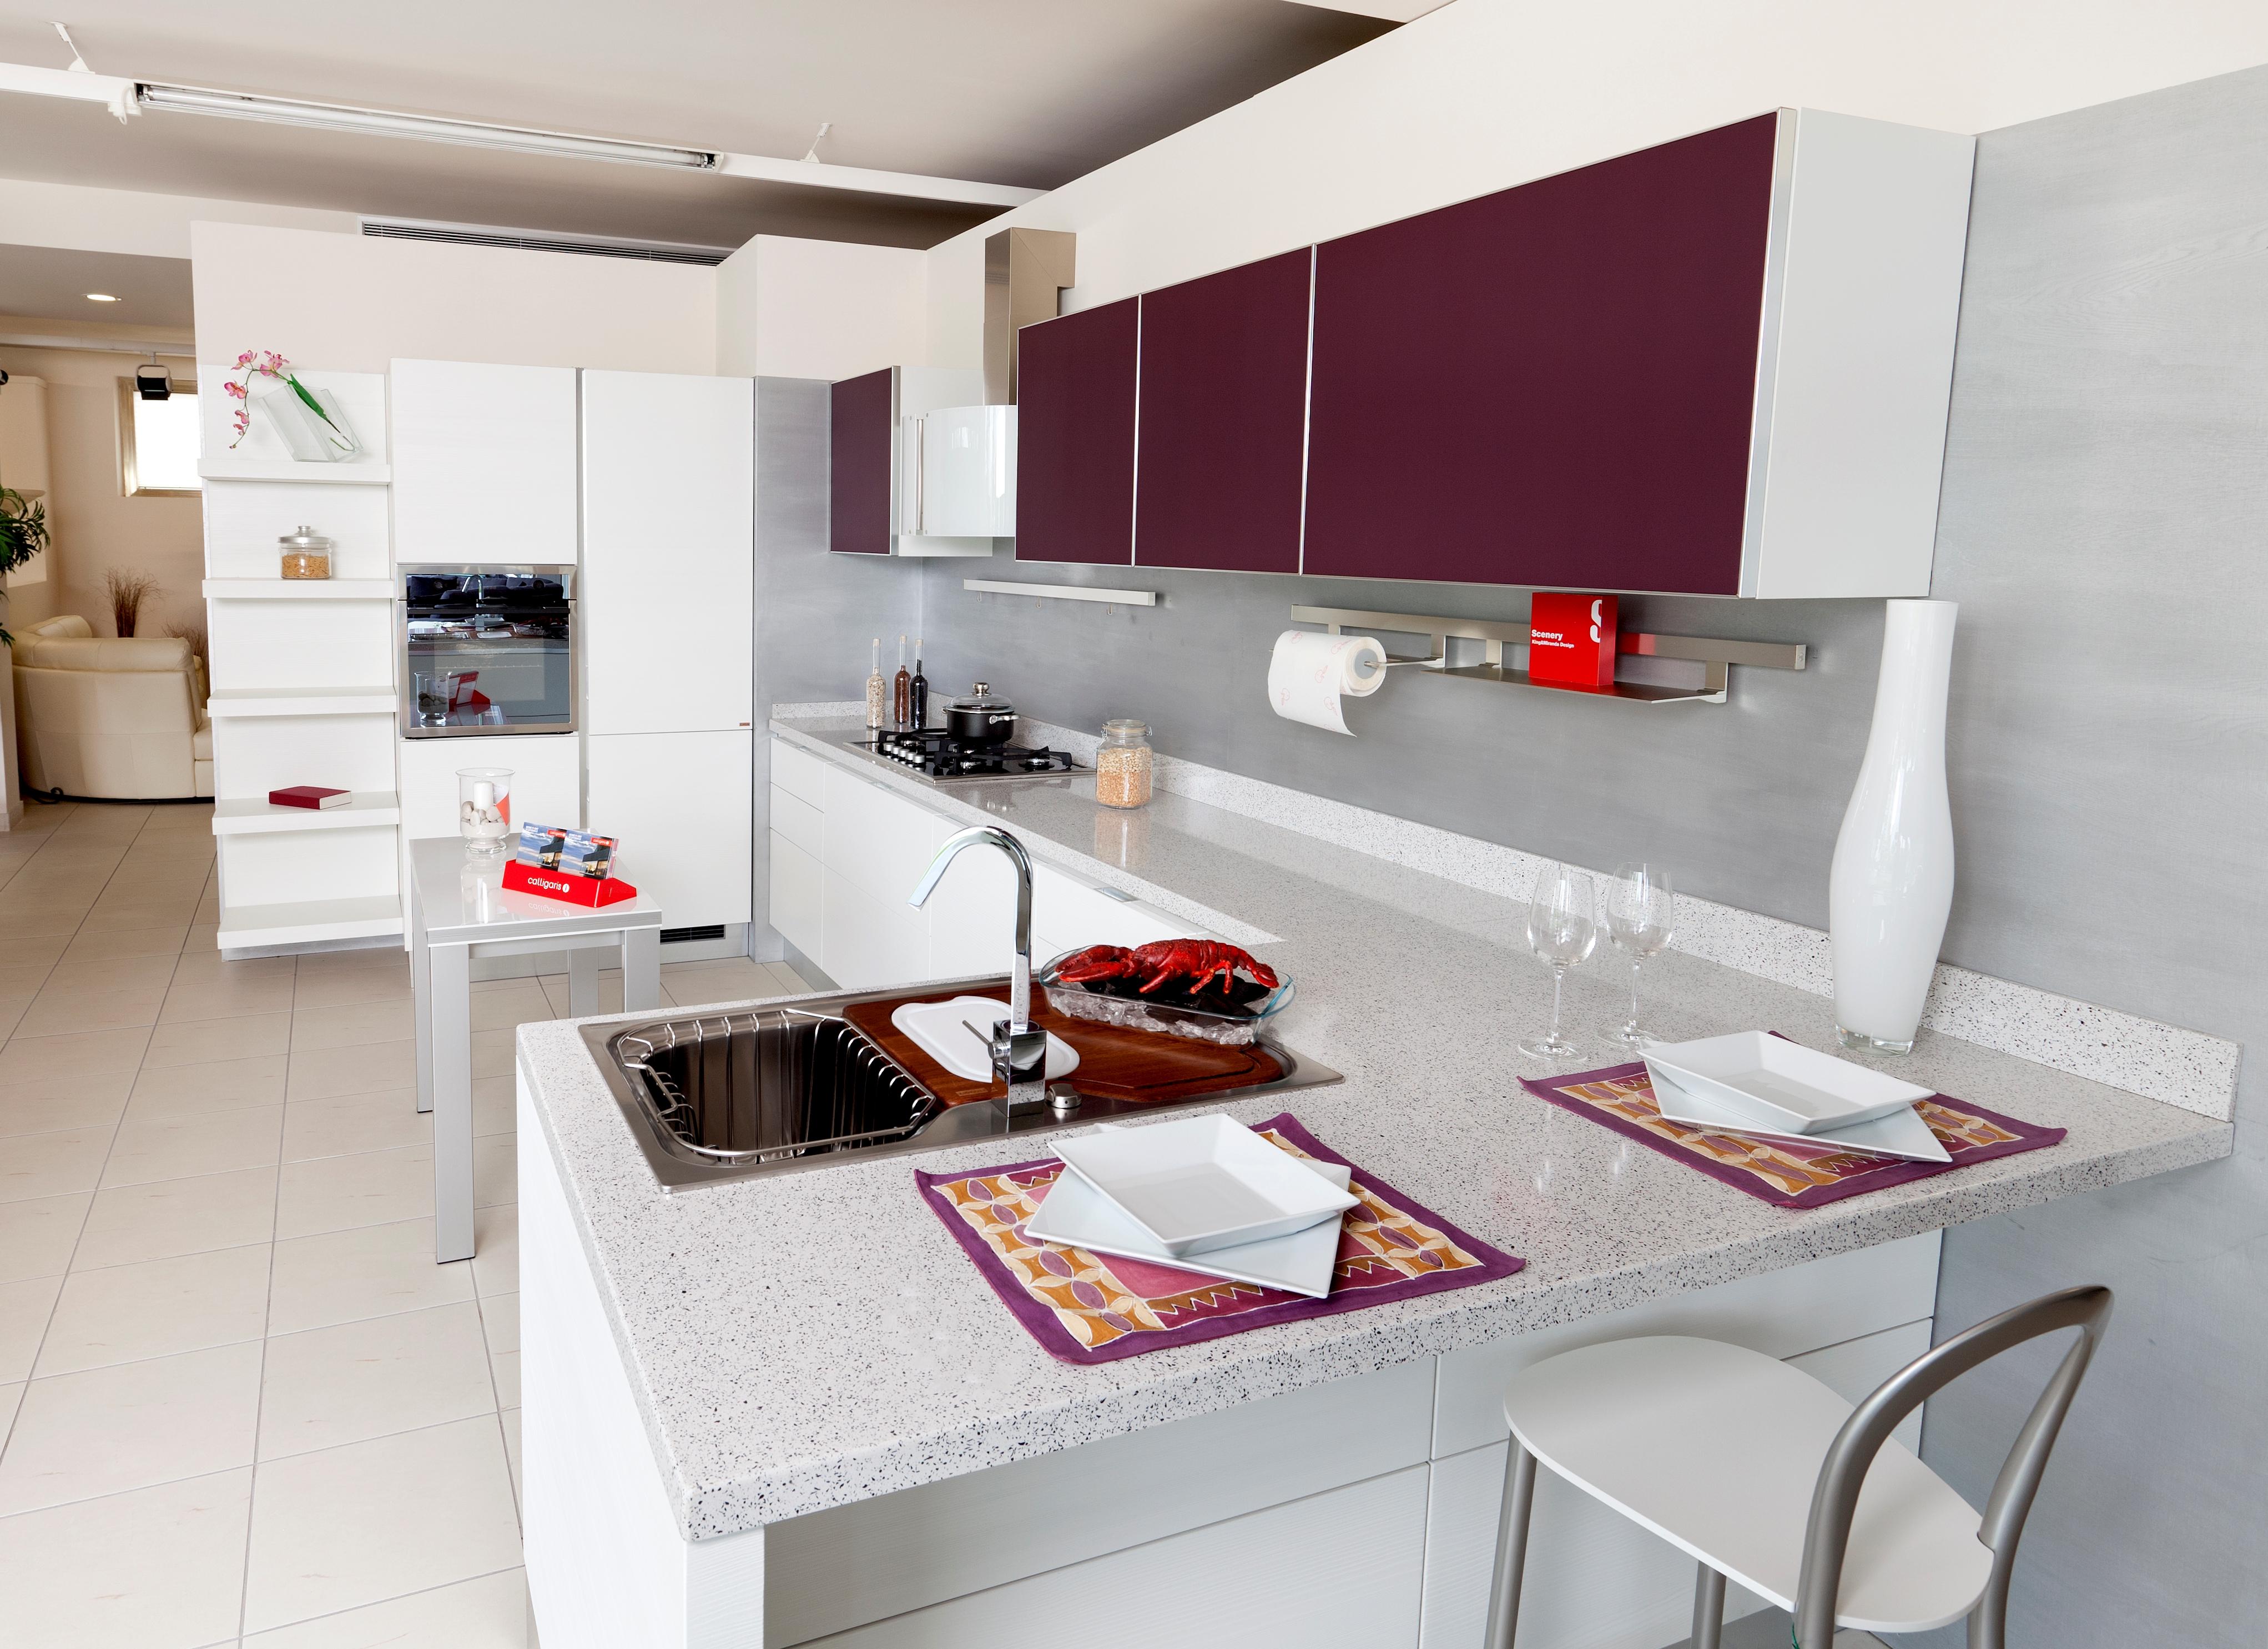 Cucina scavolini offerta 14427 cucine a prezzi scontati - Prezzo cucine scavolini ...